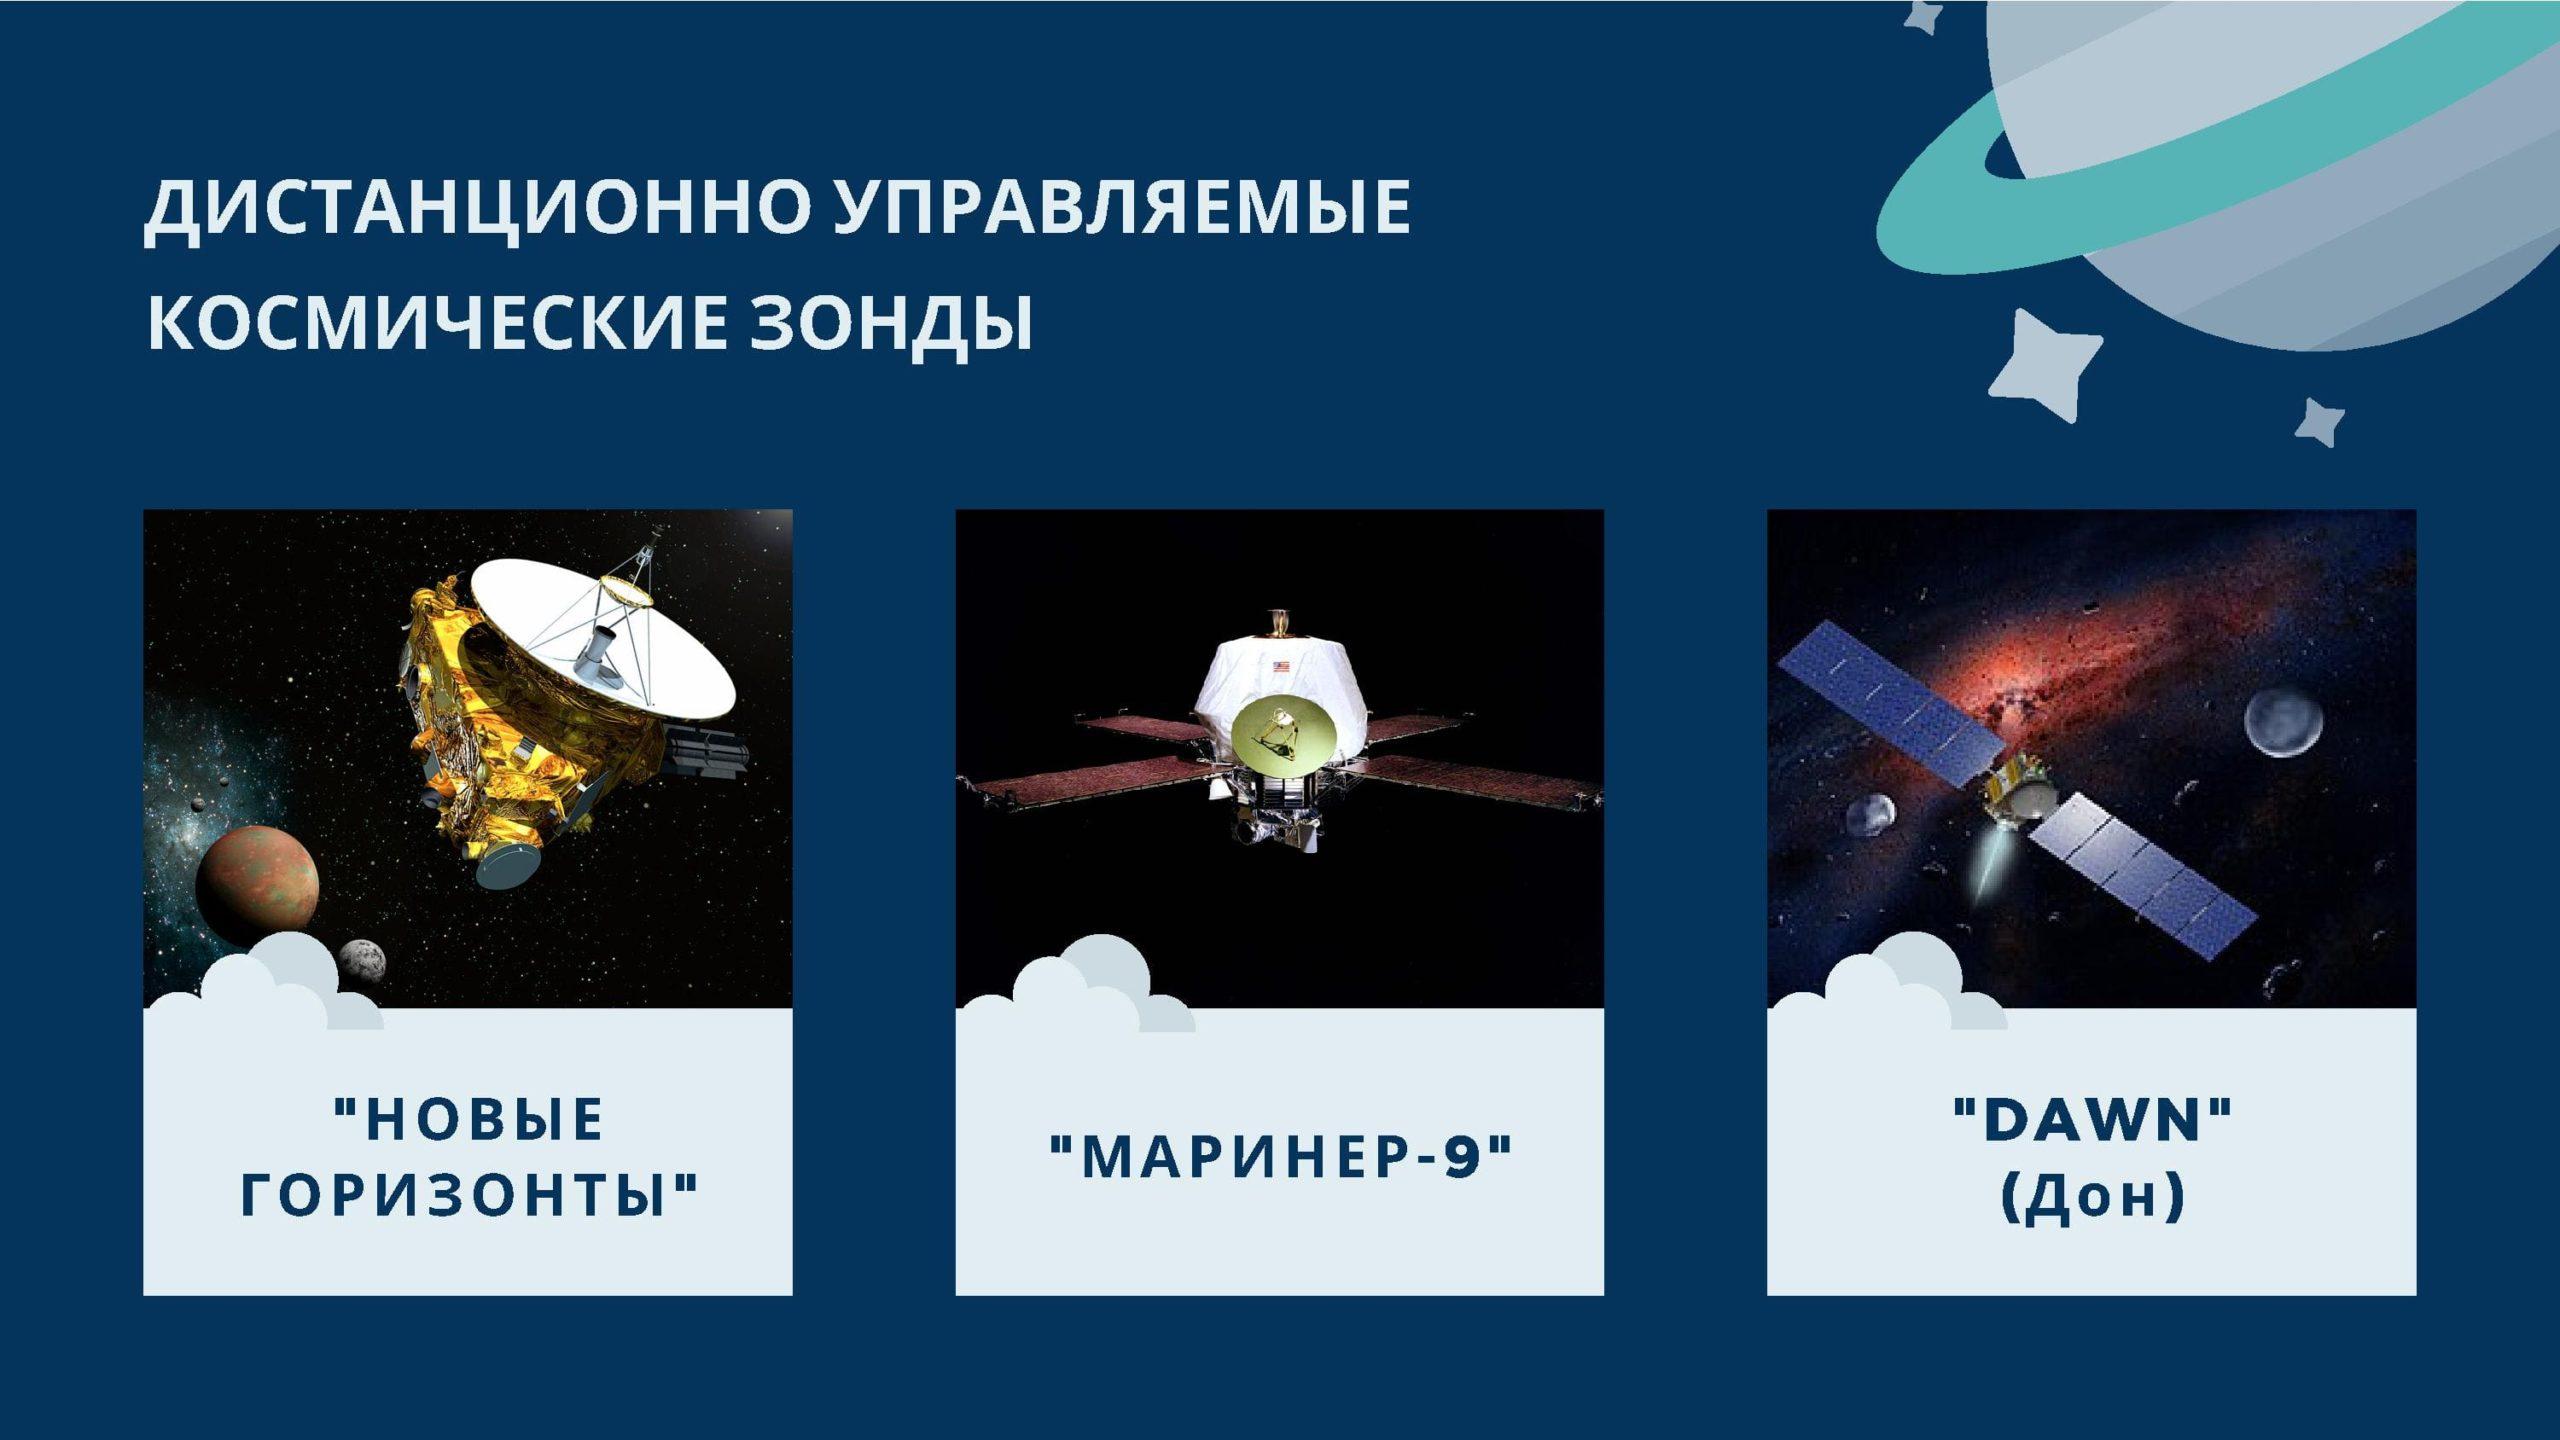 Дистанционно управляемые космические зонды